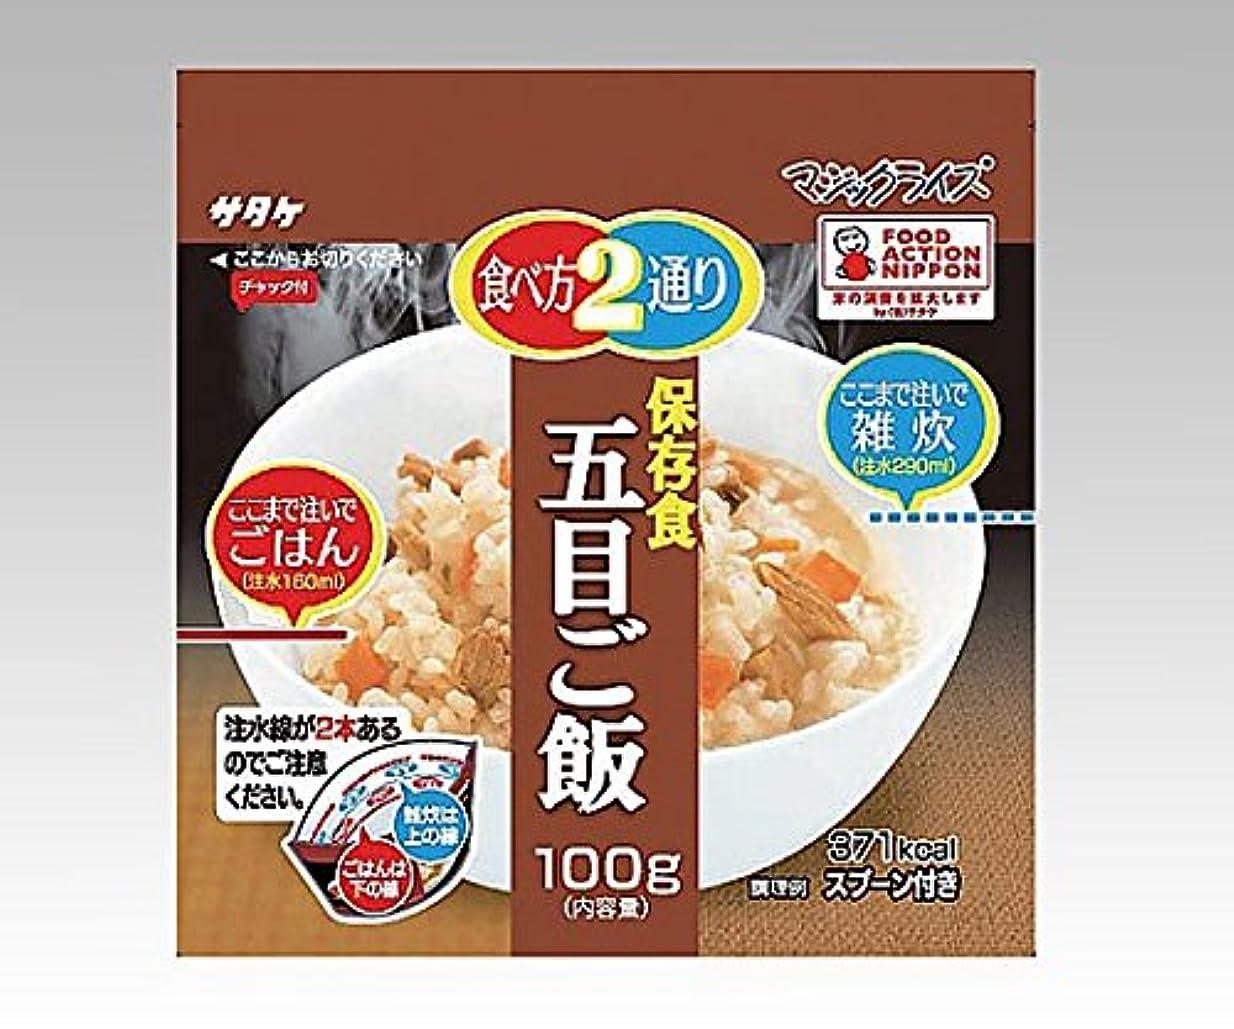 朝食を食べるささいな強大な8-2802-03非常用食品(五目ご飯/50食分)